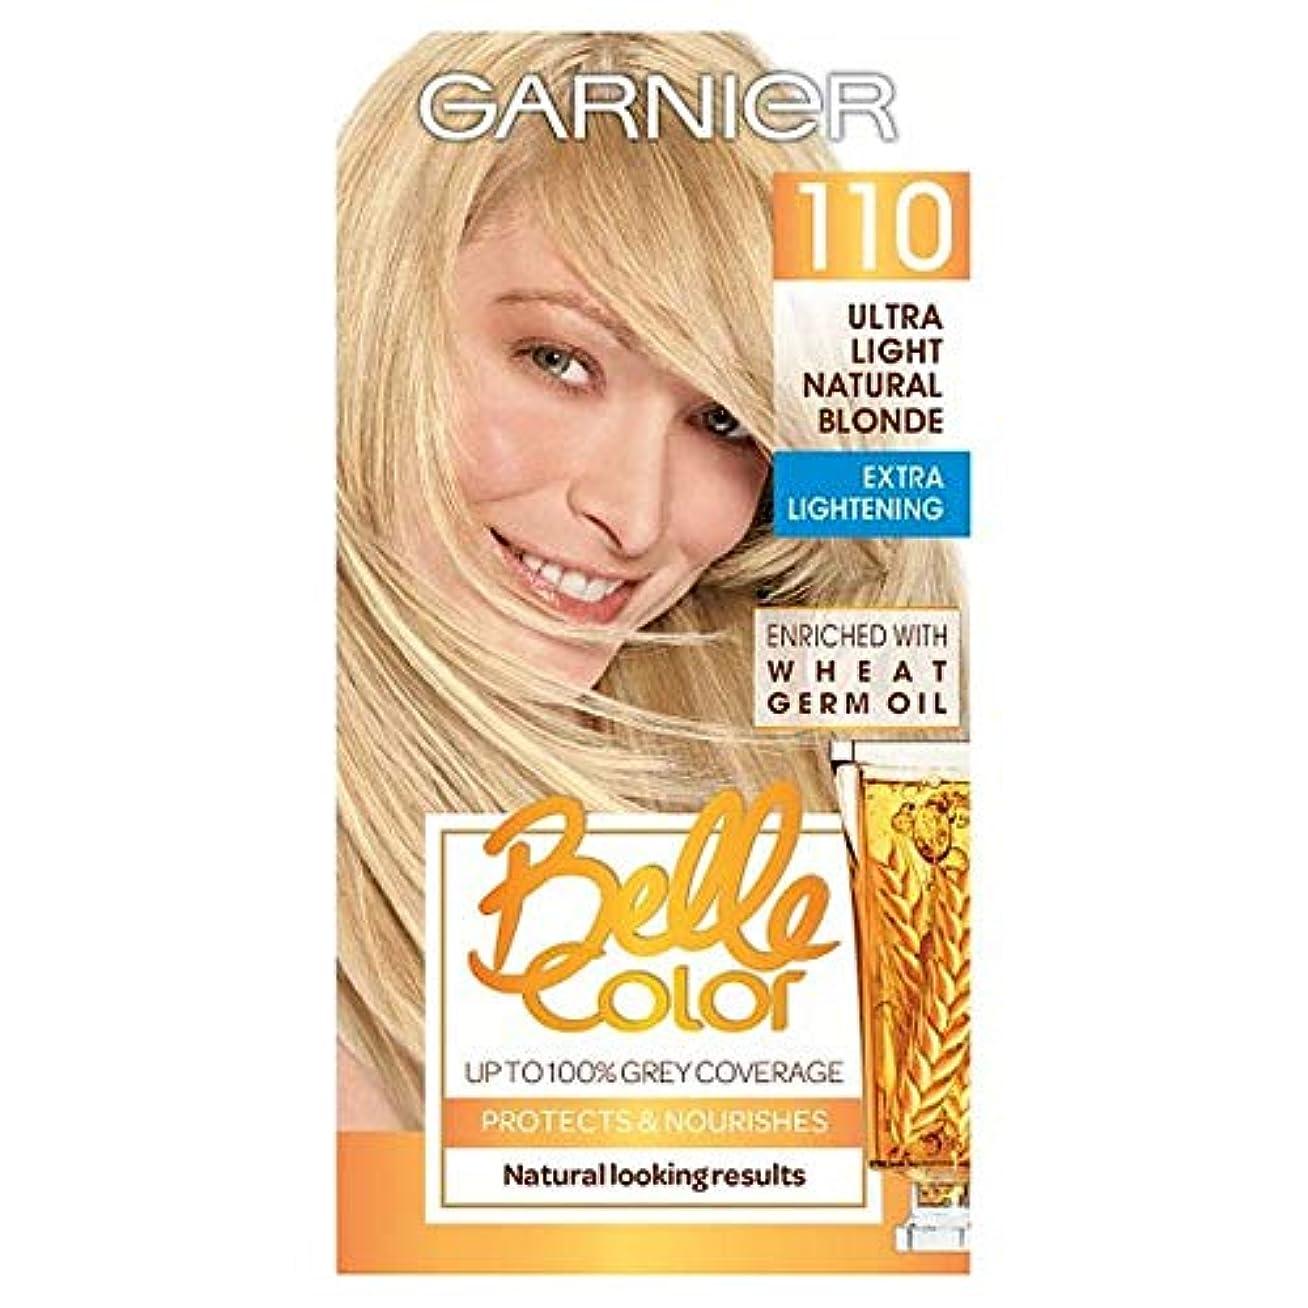 電球不定ジェム[Belle Color ] ガーン/ベル/Clr 110超軽量天然ブロンドパーマネント毛髪染料 - Garn/Bel/Clr 110 Ultra Light Natural Blonde Permanent Hair...